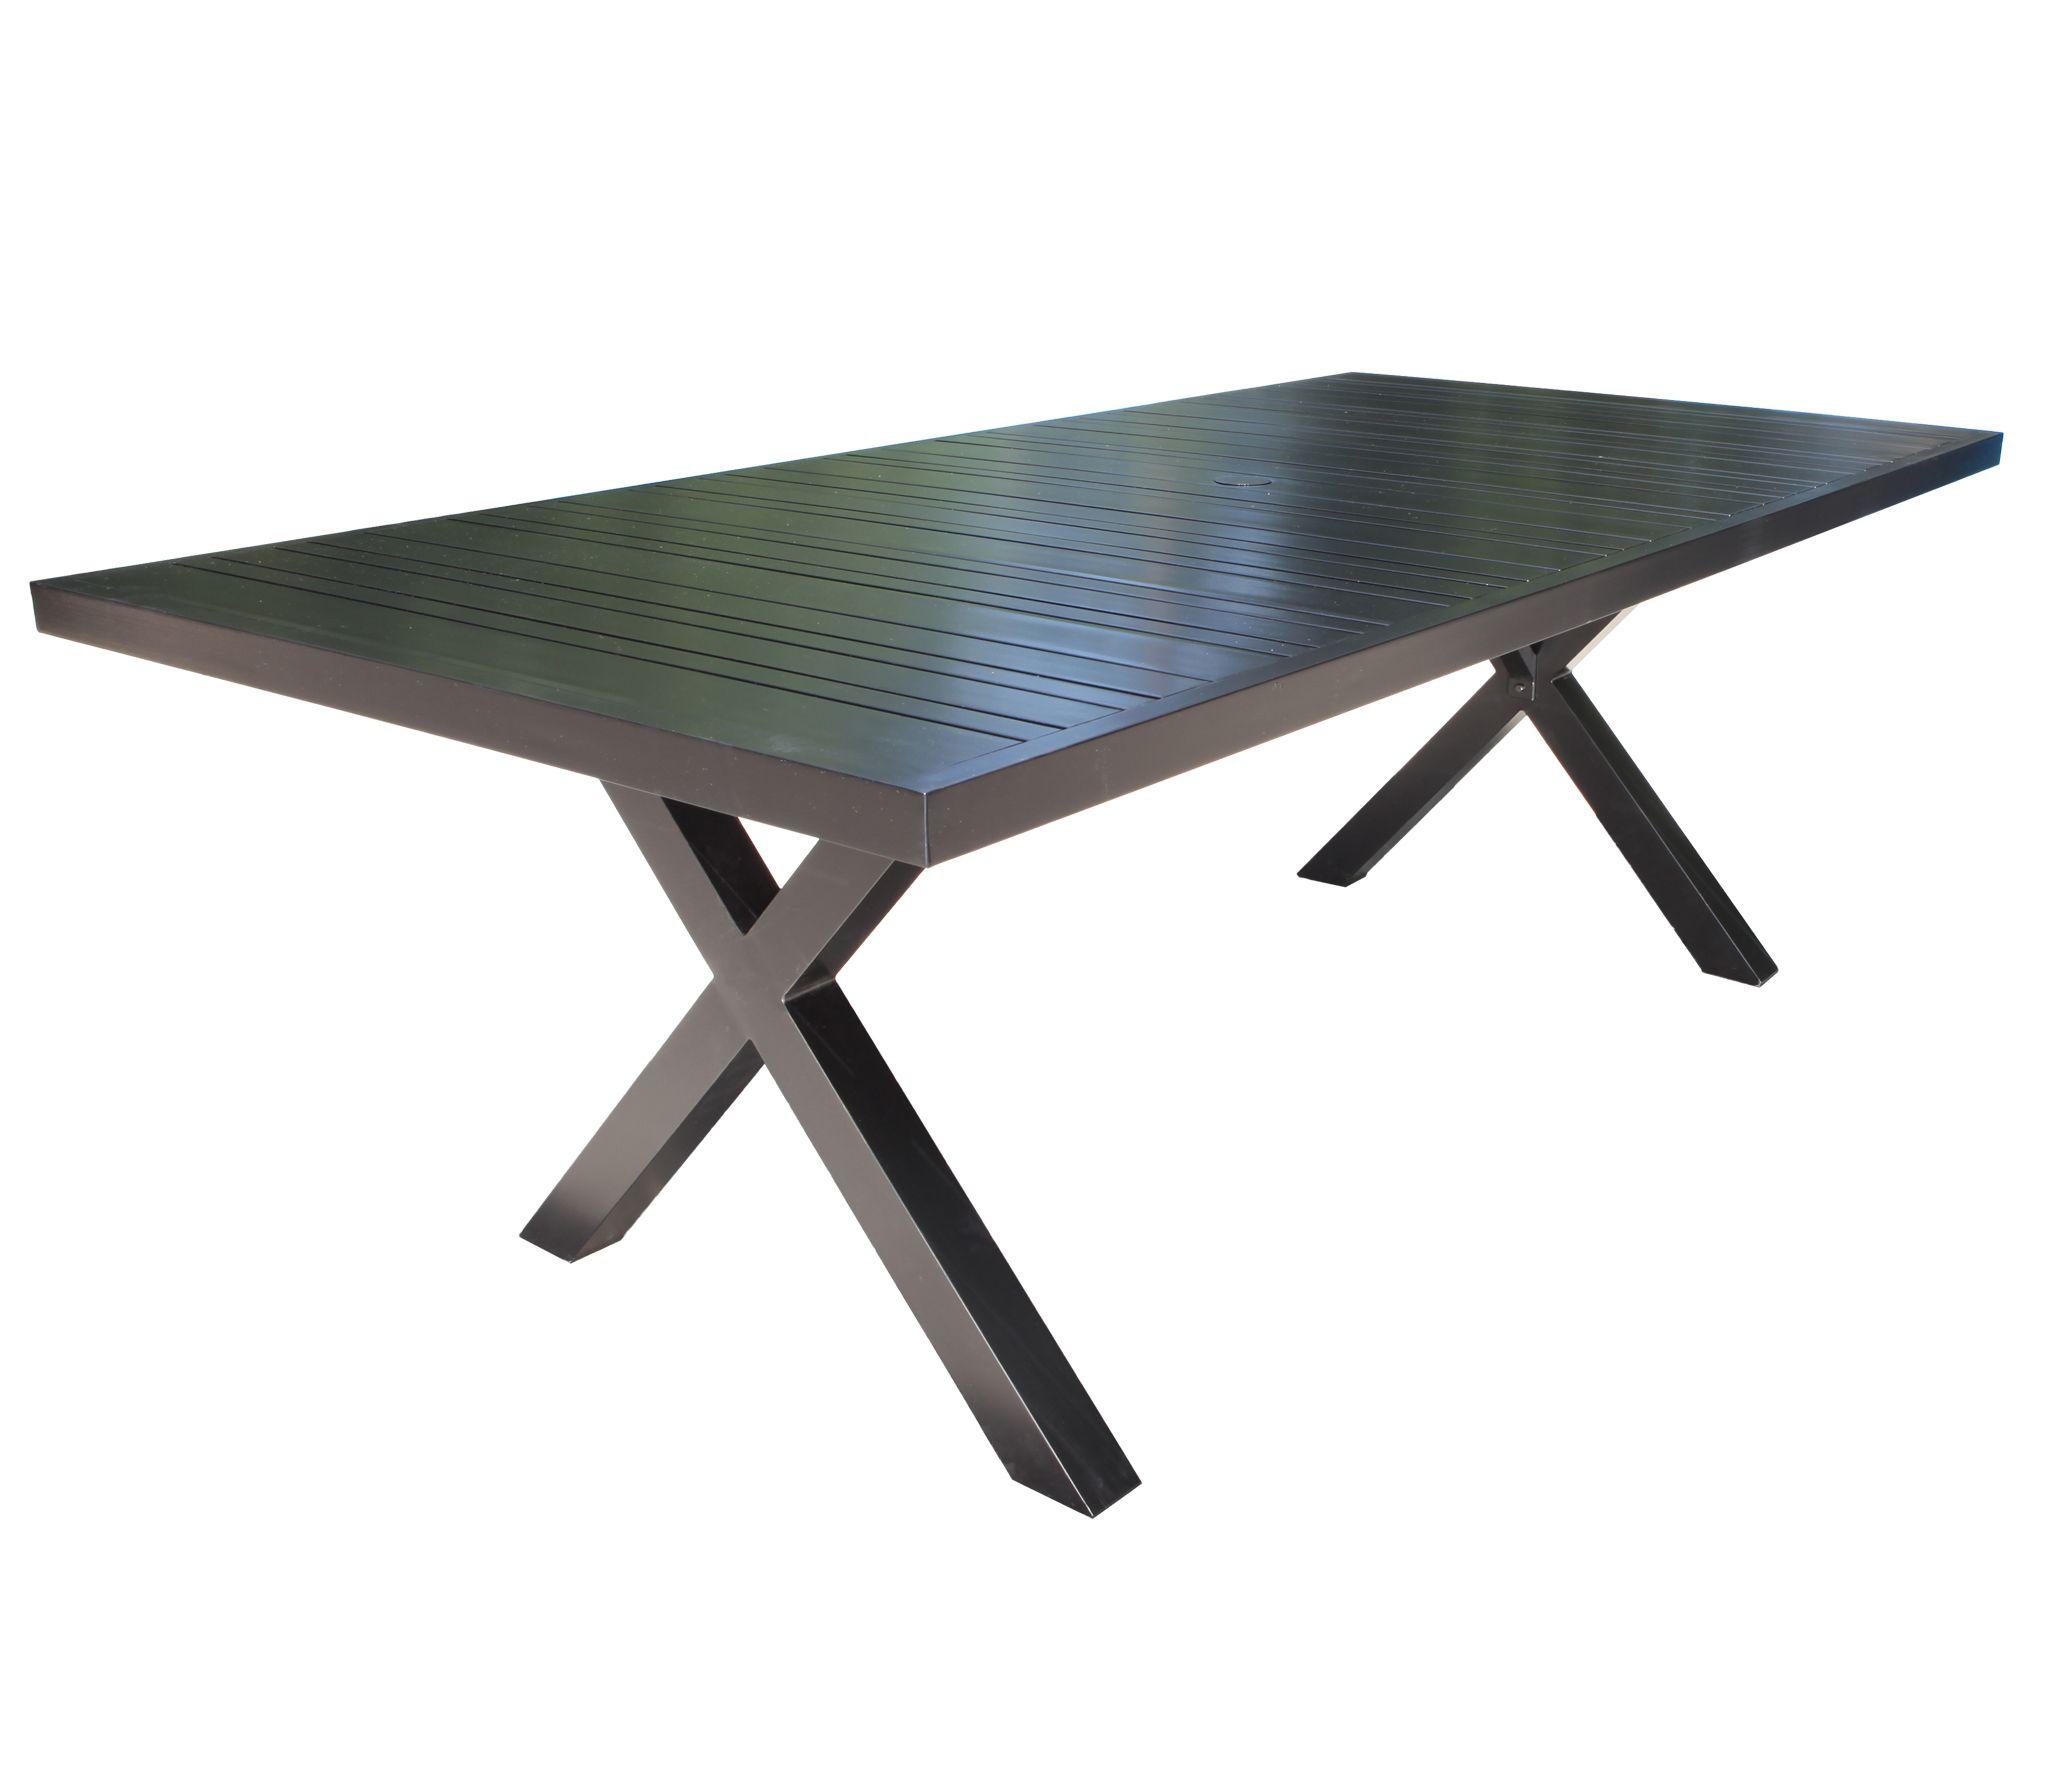 Cast Aluminum Patio Furniture Milano 84 X 42 Dining Table